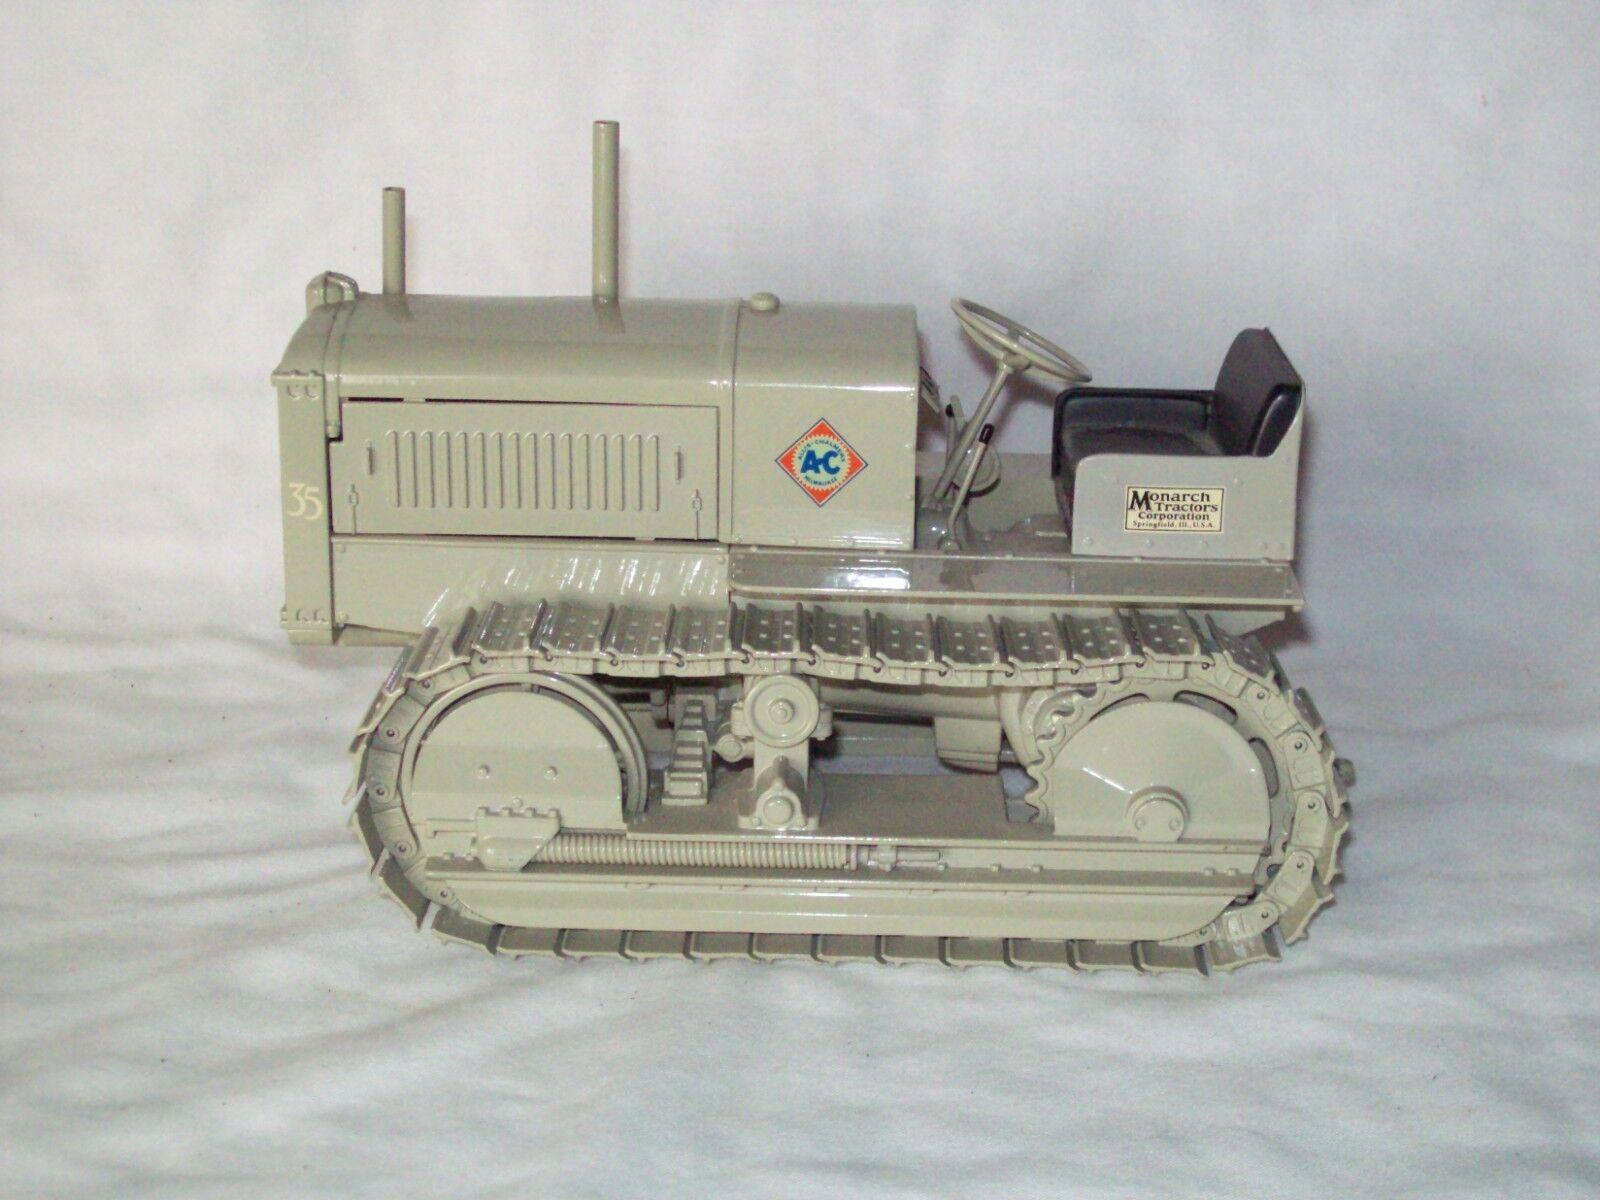 raros   Allis Chalmers tractores oruga  monarca Tractor Corp.